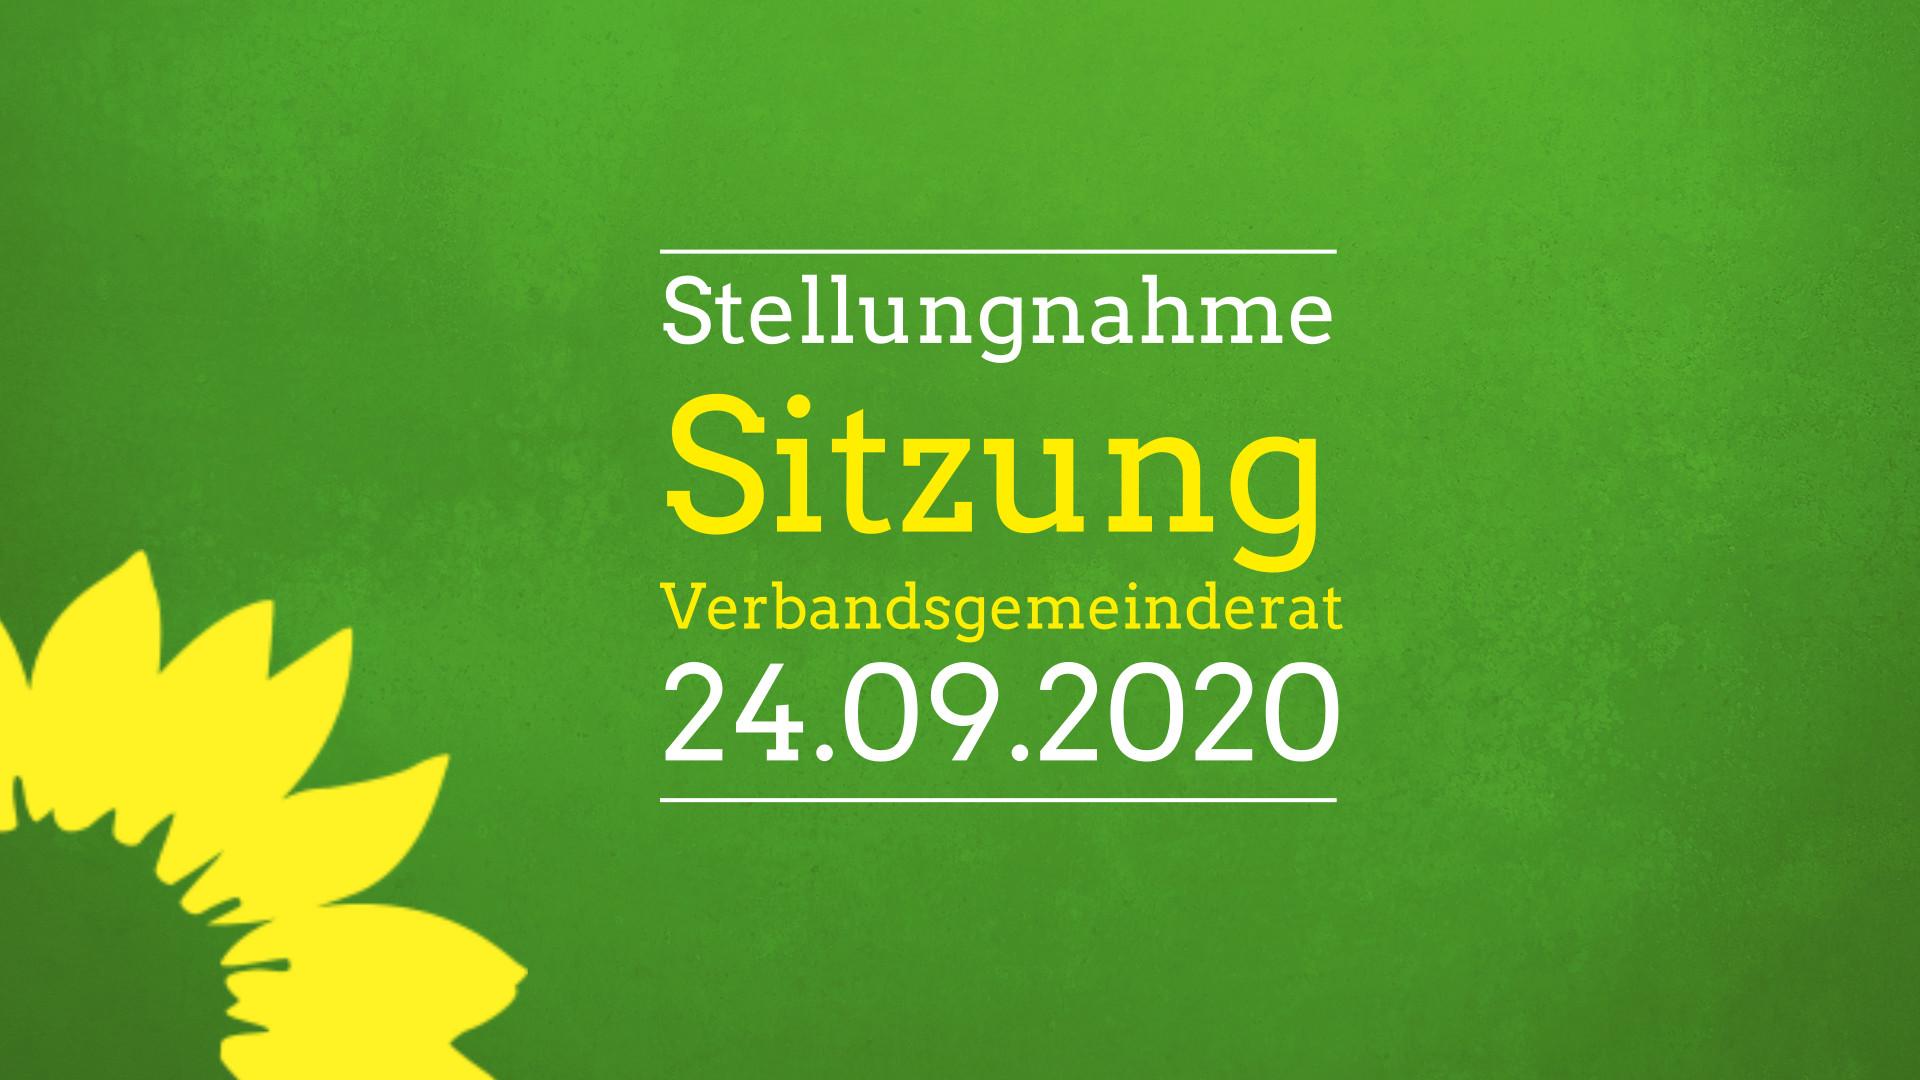 Stellungnahme zur Sitzung Verbandsgemeinderat 24.09.2020